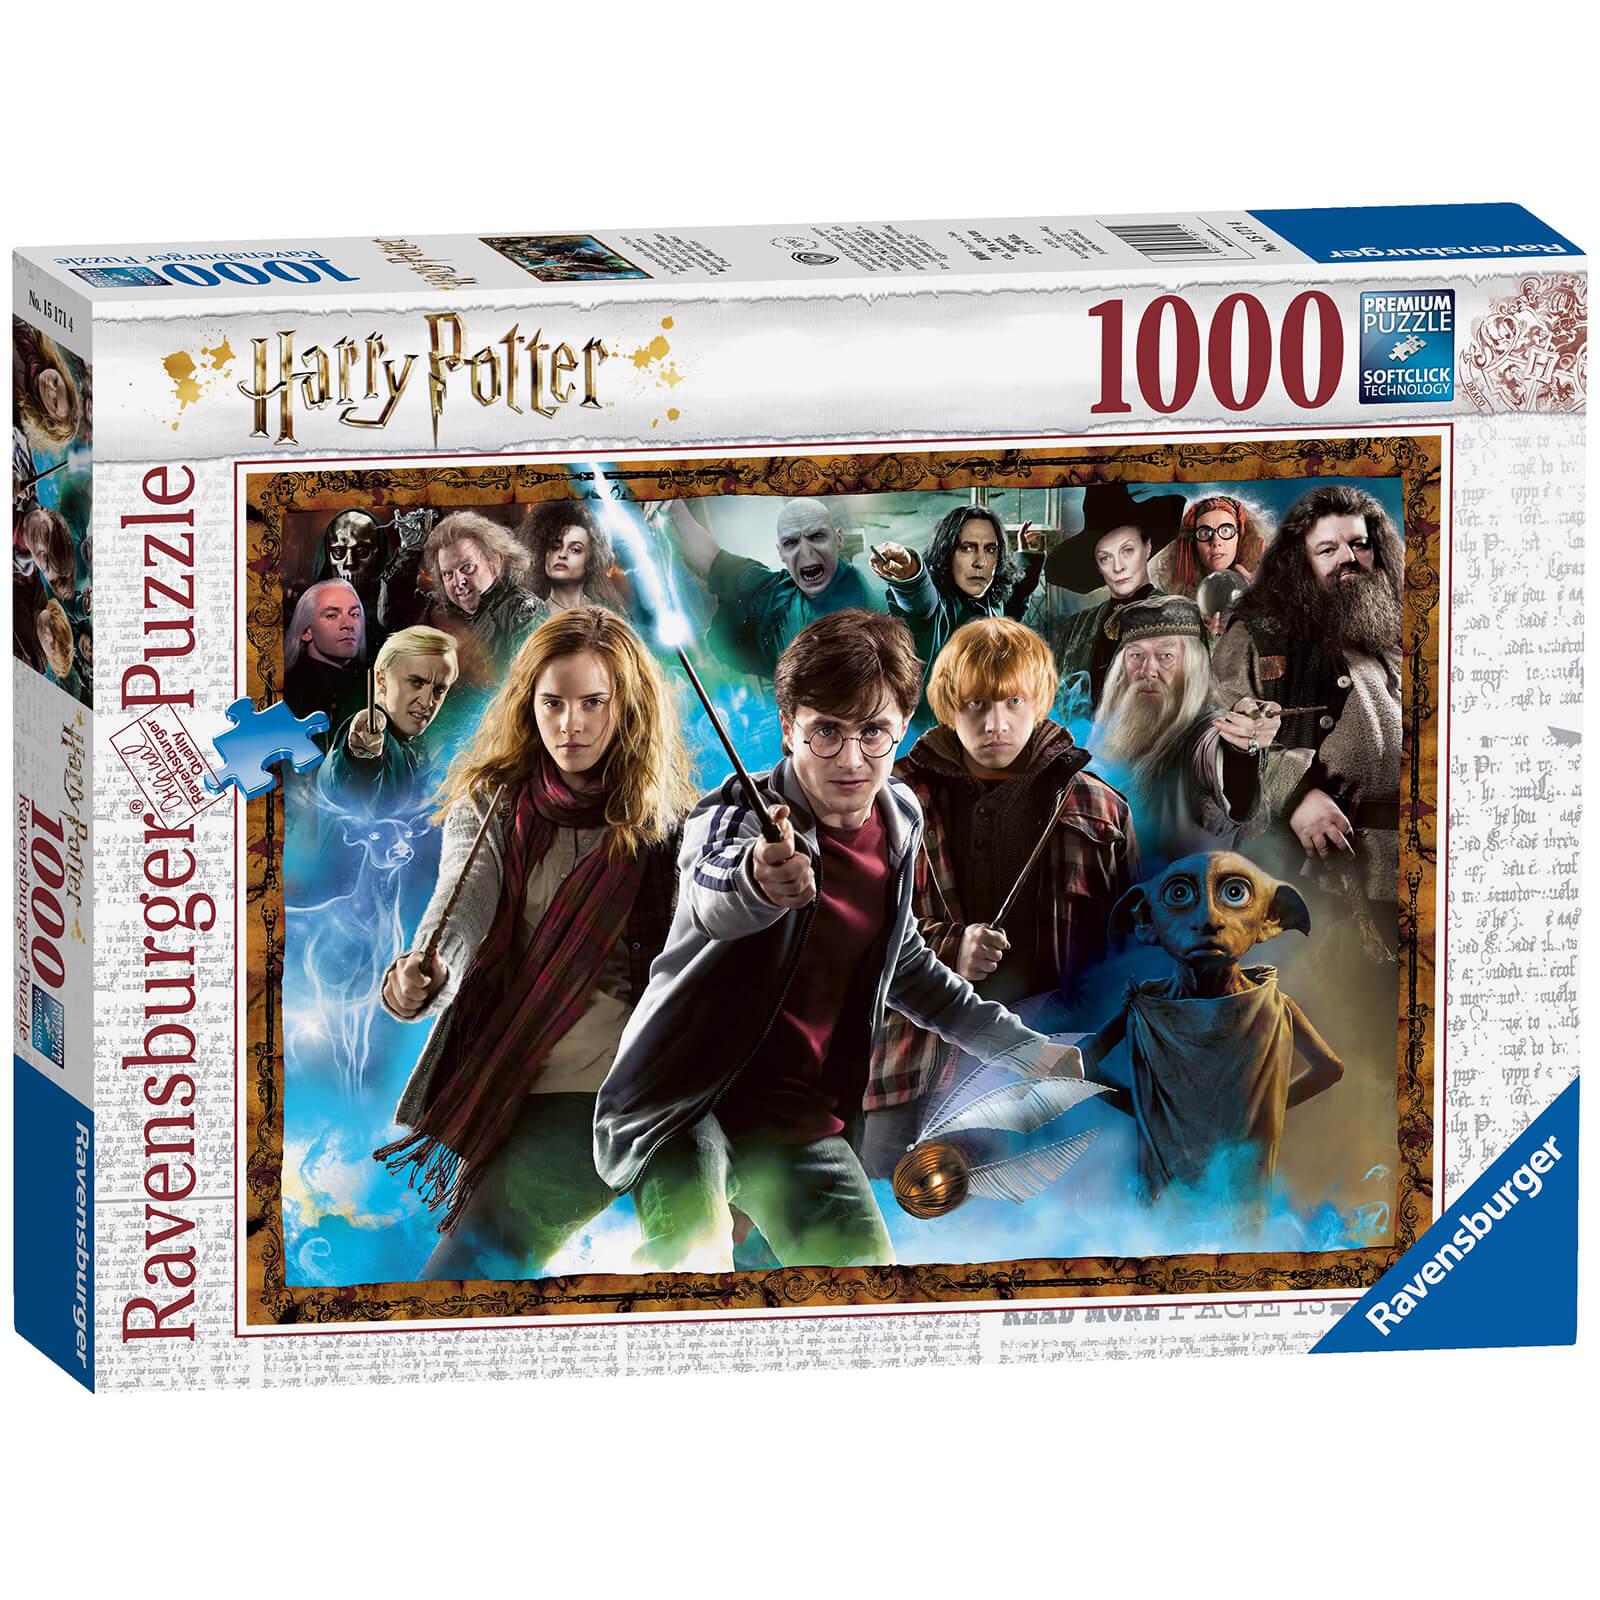 Ravensburger Harry Potter Puzzle (1000 Pieces)